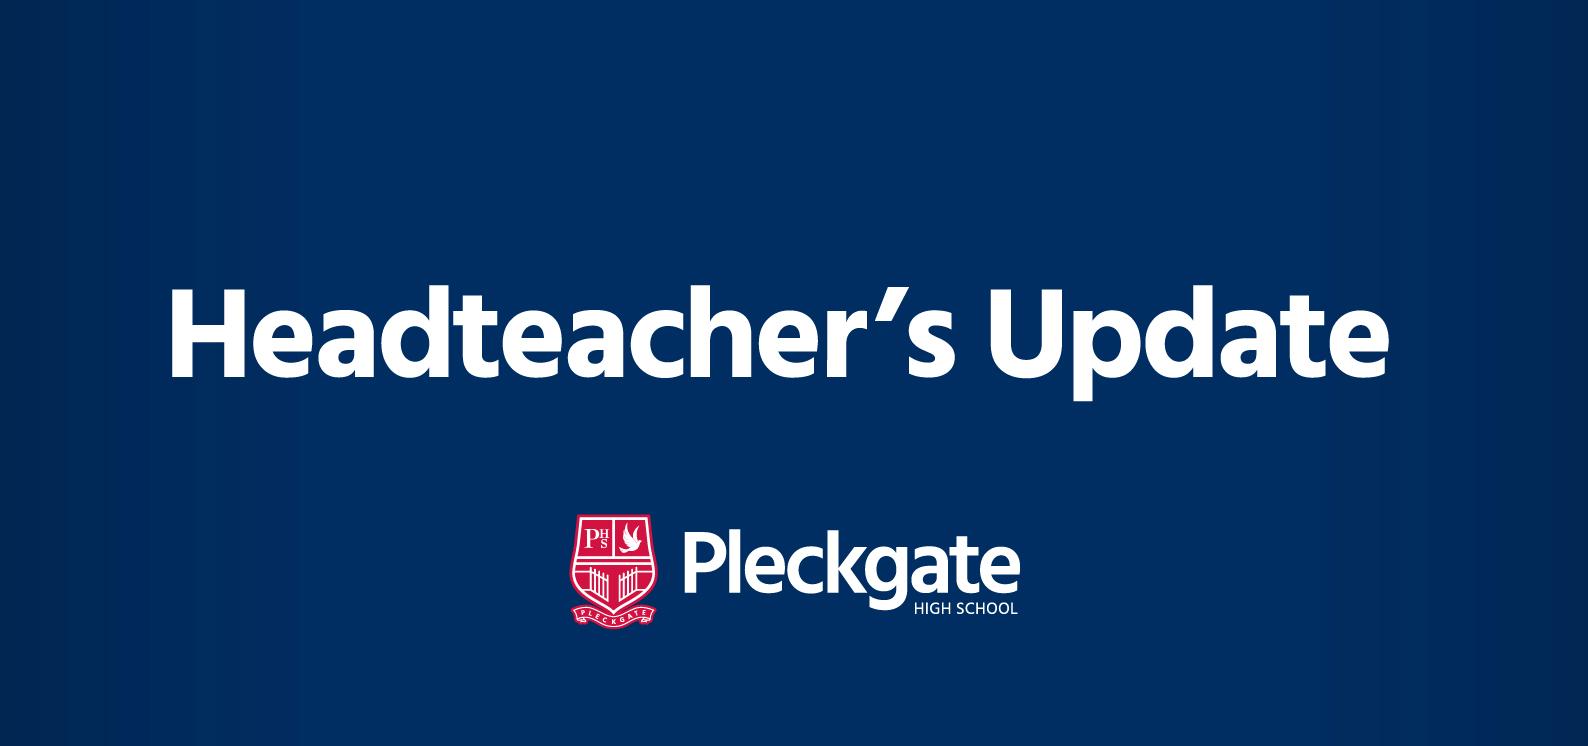 Headteacher's Update – September 2017